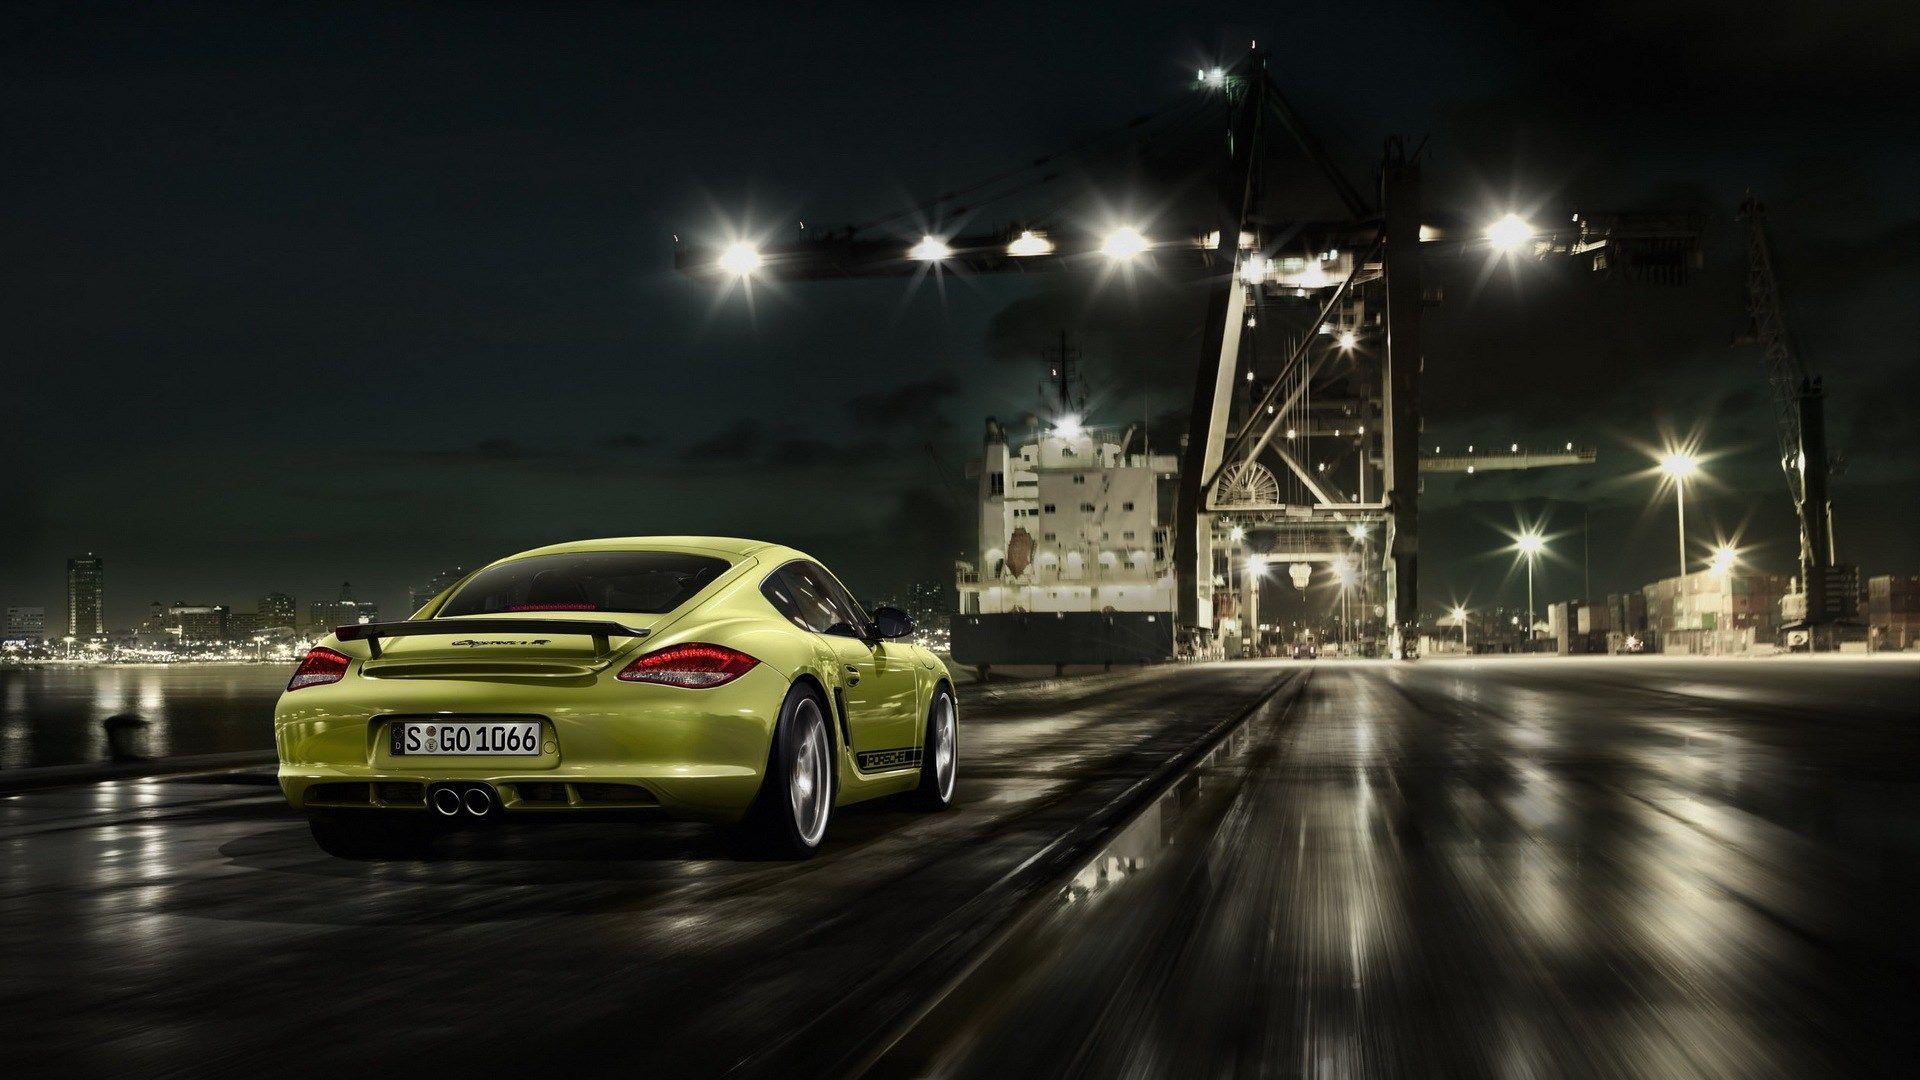 Beautiful Porsche Cayman Wallpapers